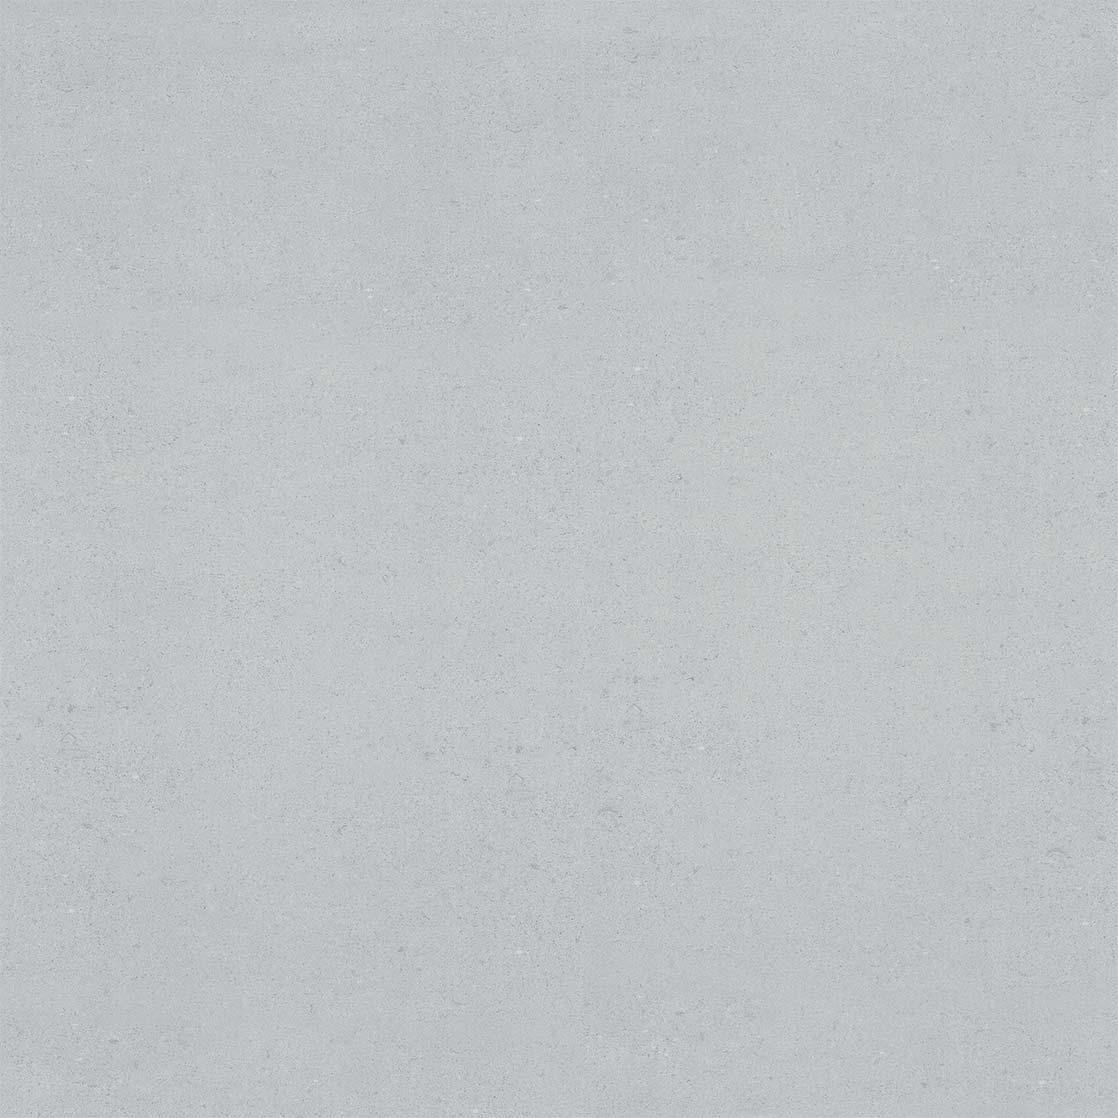 Gạch lát nền chống trơn Viglacera BS6601 giá rẻ